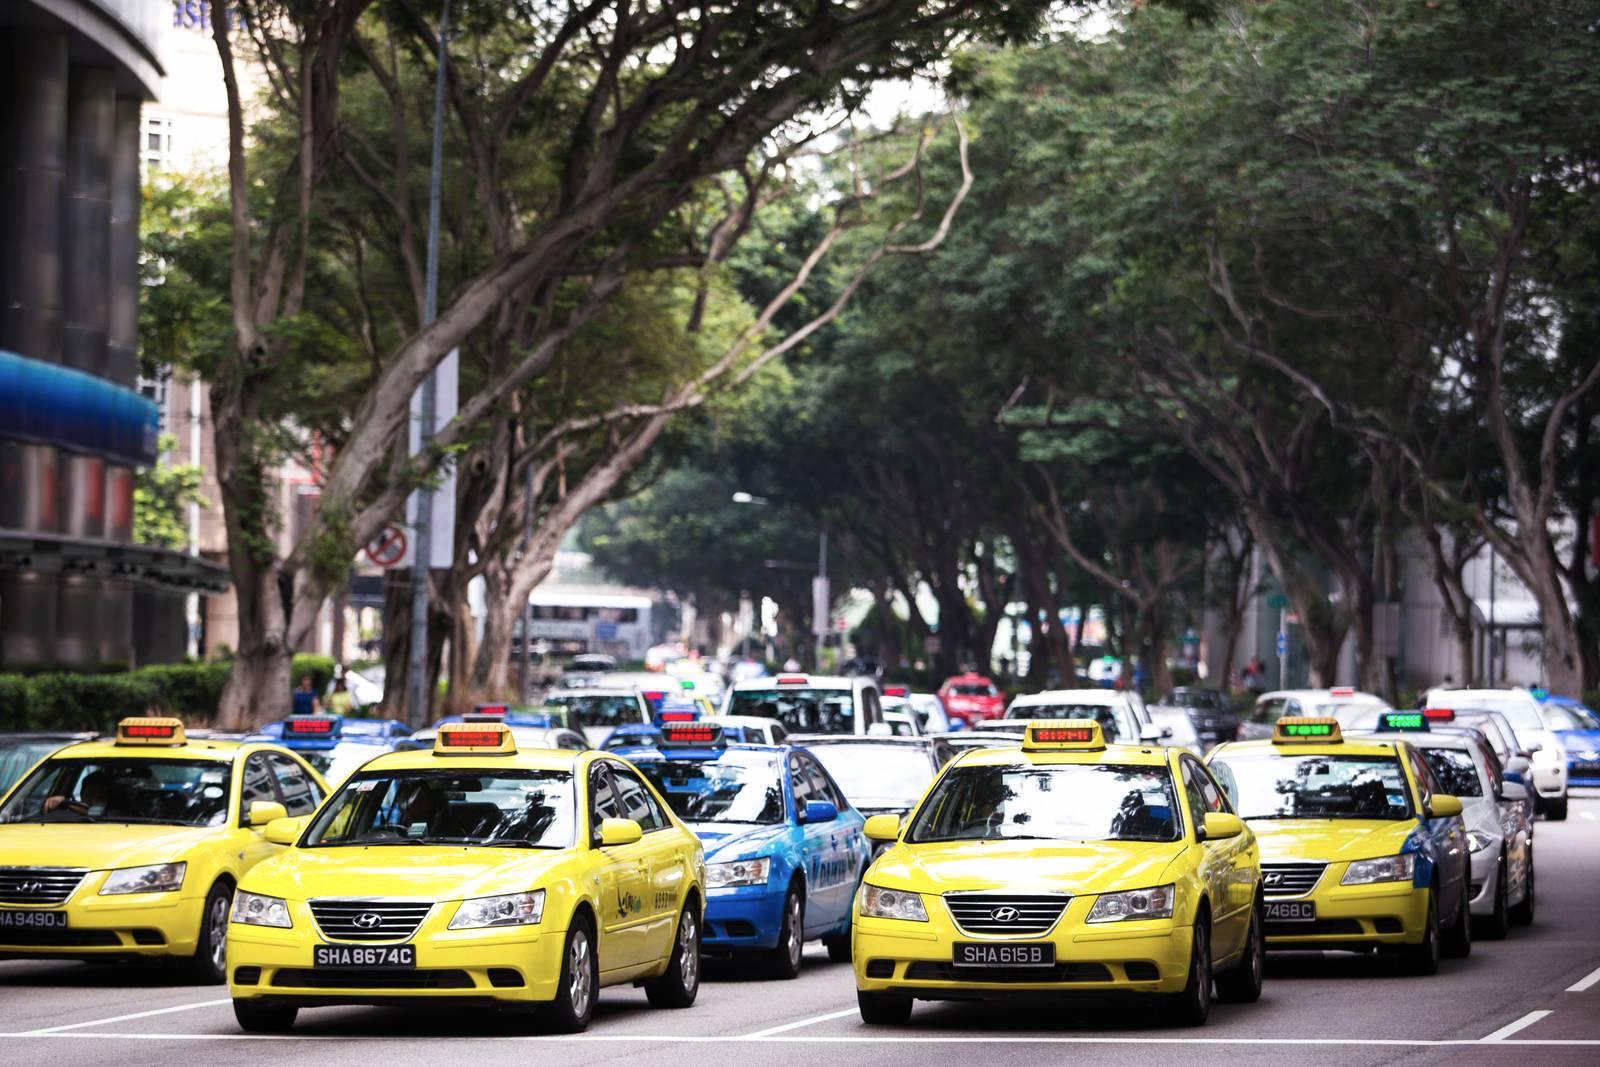 Táxis em Singa no horário de pico.